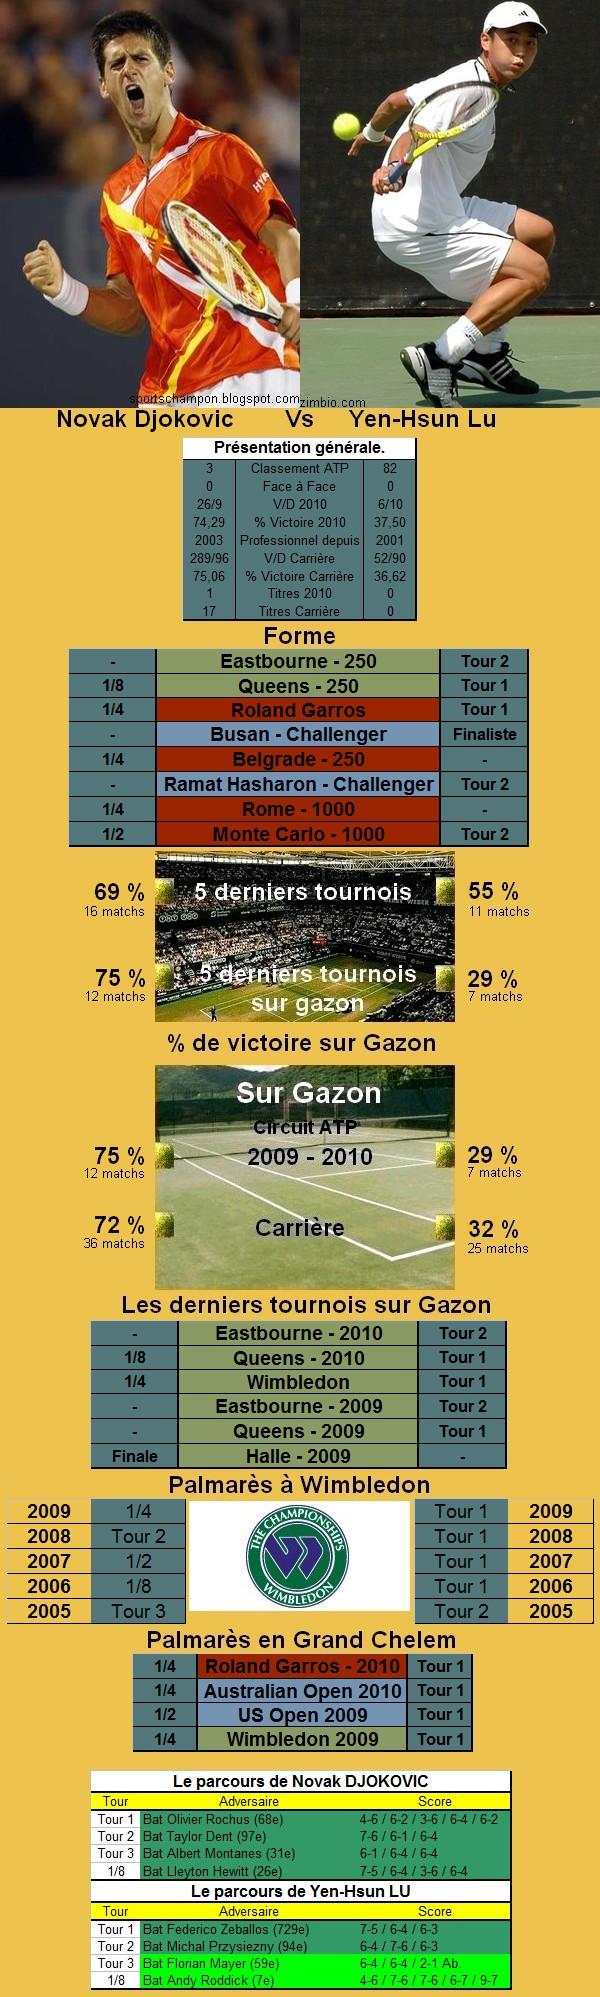 Statistiques tennis de Djokovic contre Lu à Wimbledon